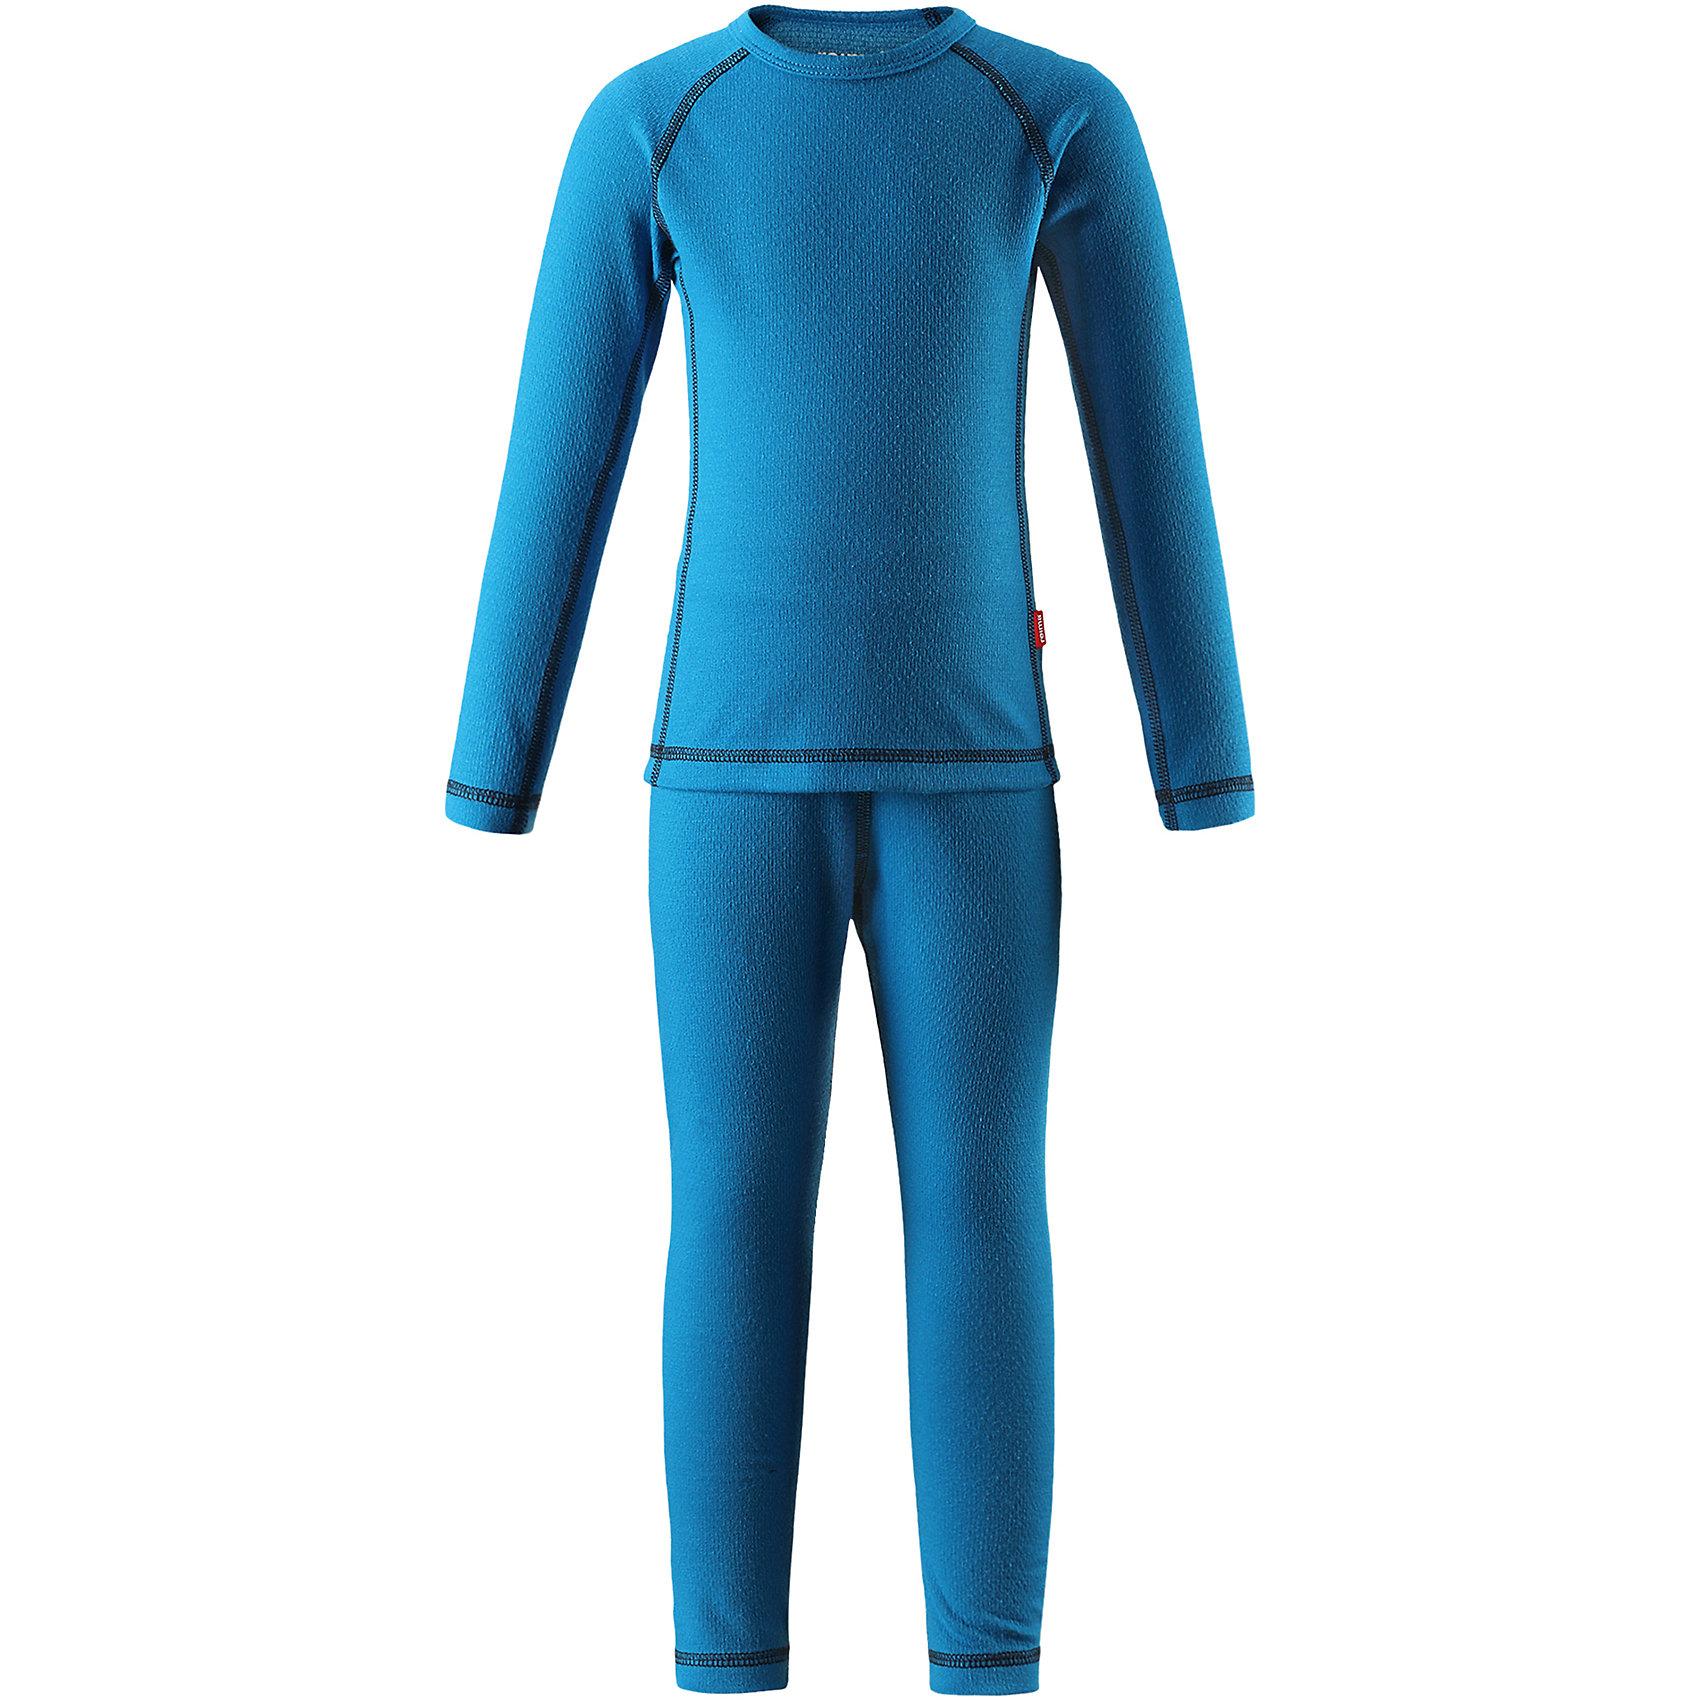 Комплект нижнего белья Lani ReimaФлис и термобелье<br>Благодаря практичному детскому базовому комплекту ваш ребенок может гулять и заниматься спортом в любую погоду. В этом комплекте ребенку будет сухо и тепло, ведь материал THERMOLITE®, из которого он сшит, эффективно отводит влагу от кожи в верхний слой одежды. Комплект очень удобный и приятный на ощупь, а тонкие плоские швы в замок не натирают кожу. Удлиненная спинка хорошо закрывает и дополнительно защищает поясницу, а лёгкая эластичная резинка на манжетах удобно облегает запястья. Создайте идеальное сочетание – наденьте комплект с теплым флисовым промежуточным слоем и функциональной верхней одеждой!<br>Состав:<br>43% Полиэстер THERMOLITE®, 53% Полиэстер, 4% Полиэстер Sorona<br><br>Ширина мм: 196<br>Глубина мм: 10<br>Высота мм: 154<br>Вес г: 152<br>Цвет: синий<br>Возраст от месяцев: 84<br>Возраст до месяцев: 96<br>Пол: Унисекс<br>Возраст: Детский<br>Размер: 160,80,90,100,110,120,130,140,150<br>SKU: 6904540